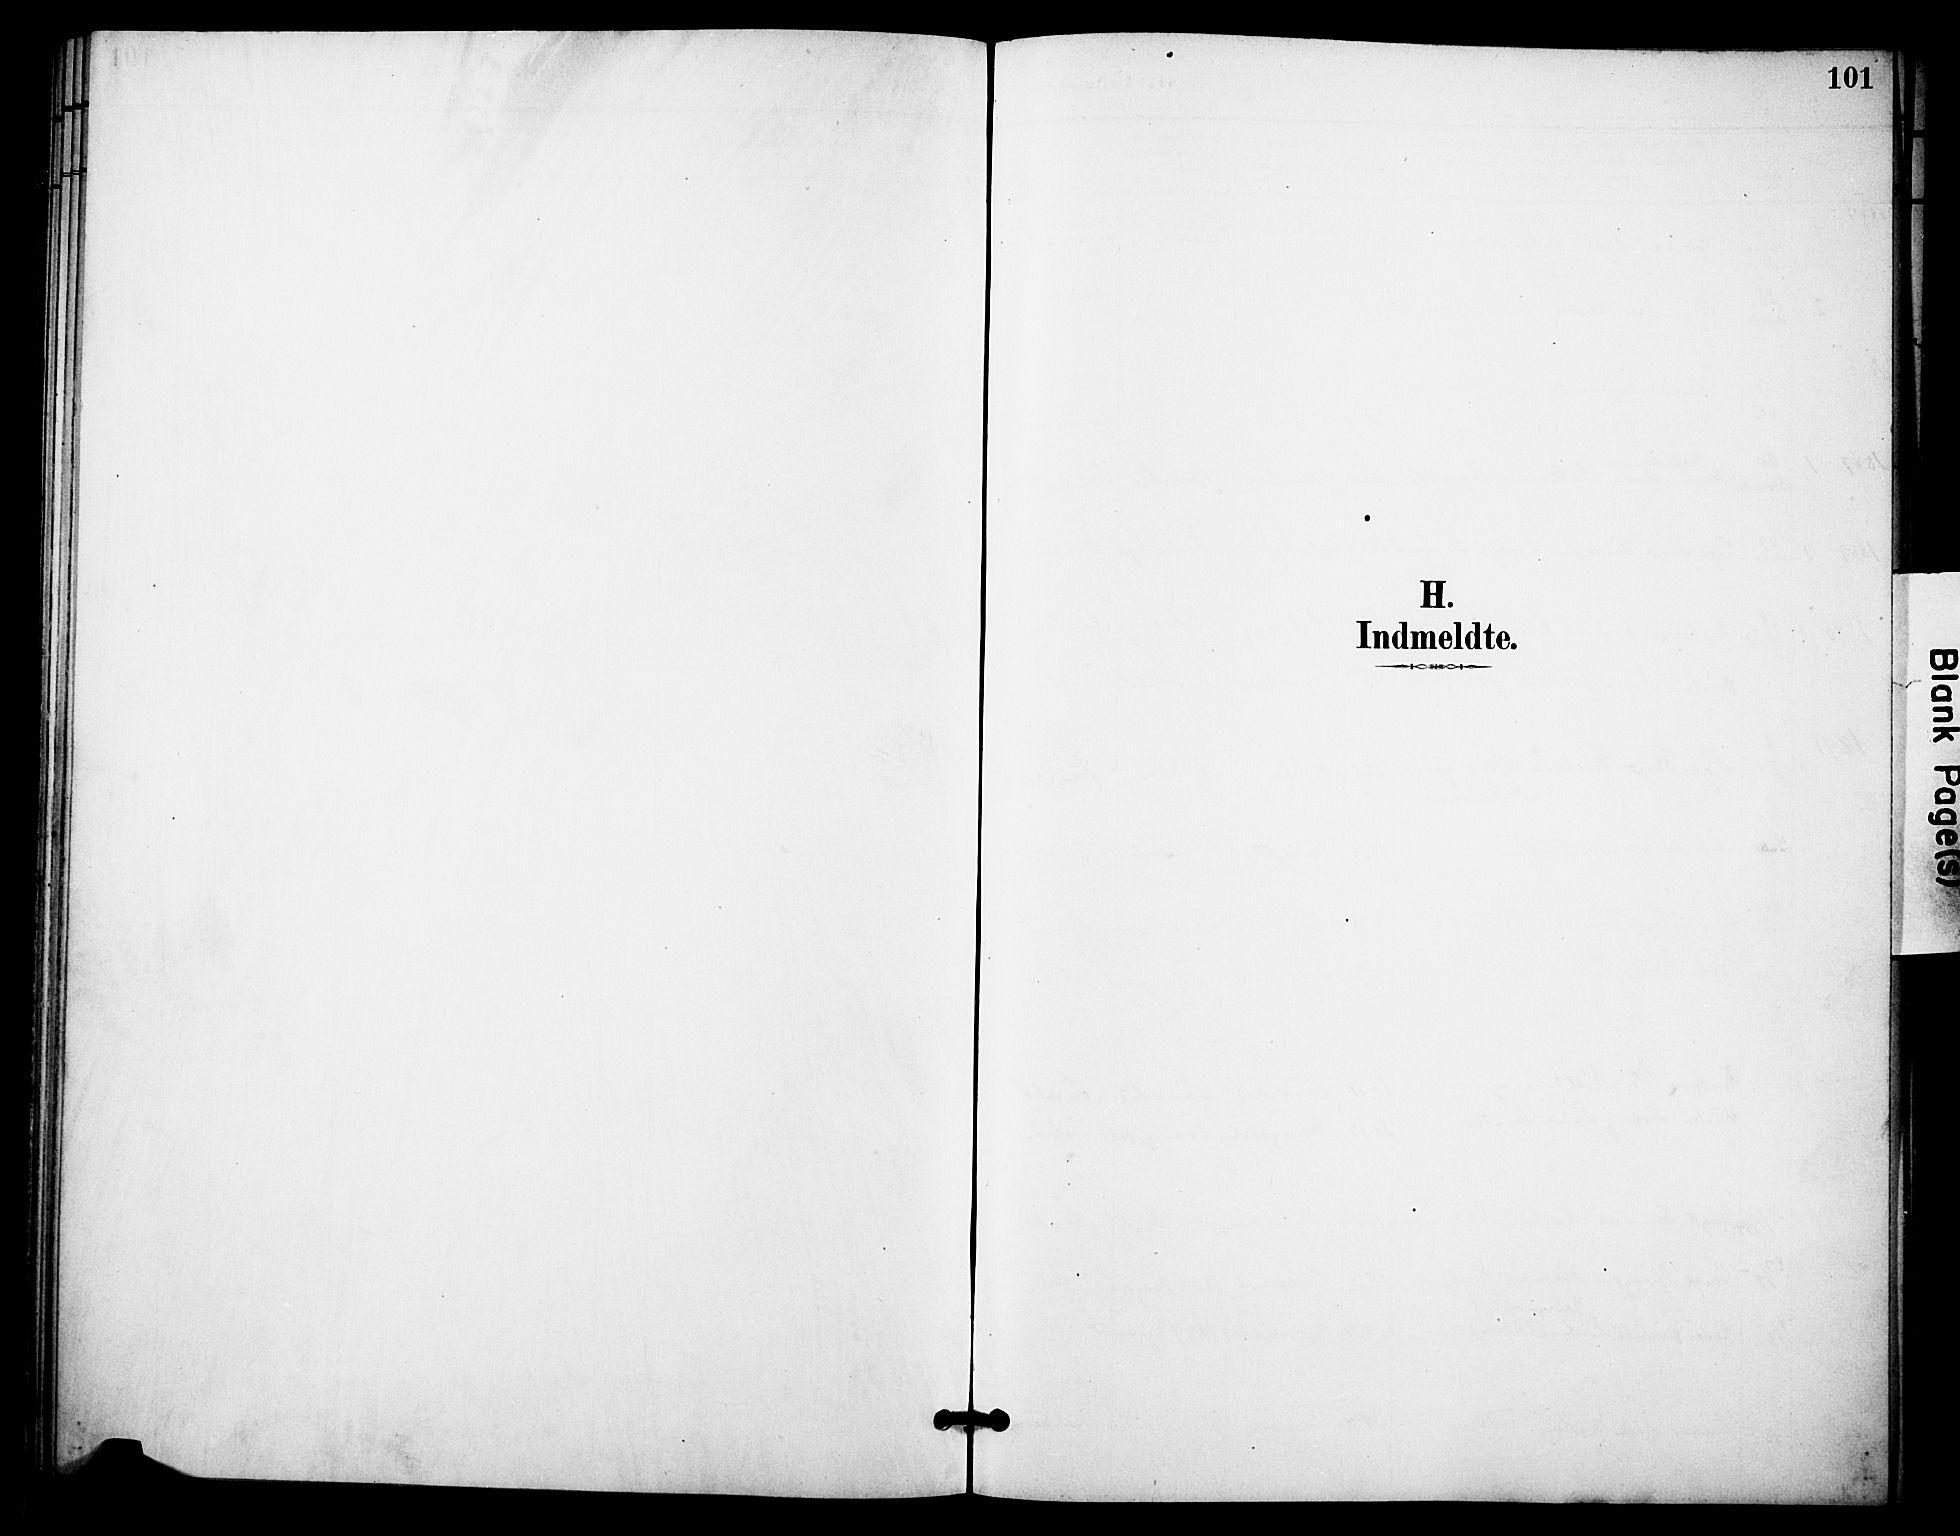 SAKO, Skåtøy kirkebøker, F/Fa/L0004: Ministerialbok nr. I 4, 1884-1900, s. 101